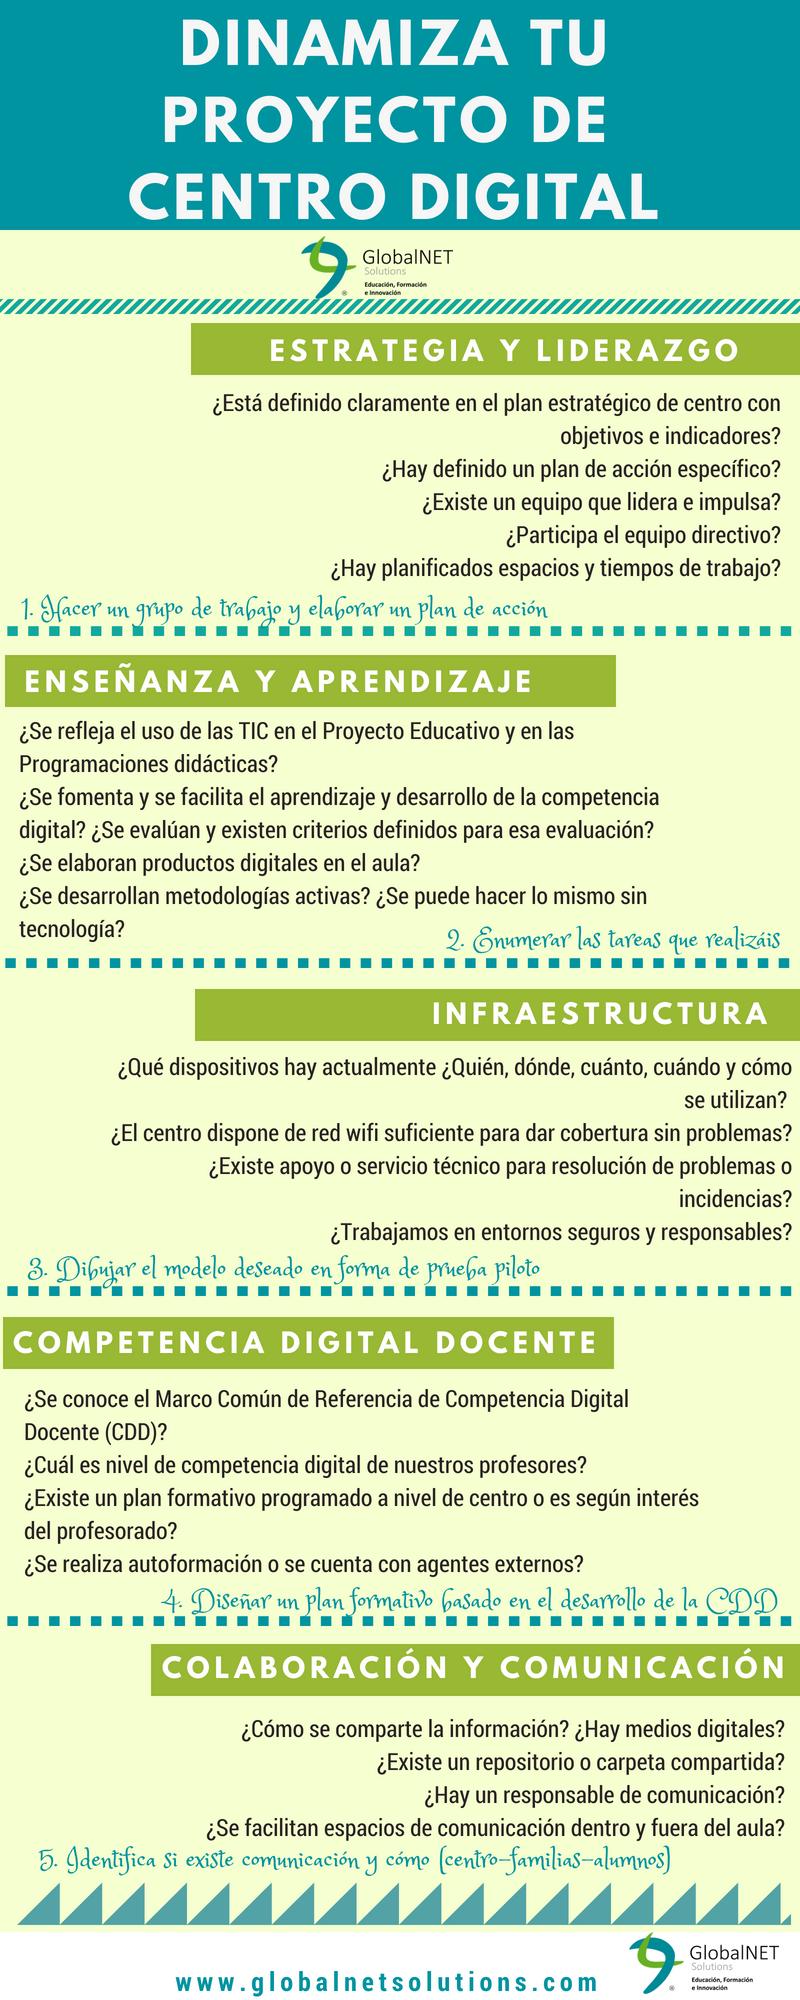 Dinamiza tu proyecto de centro digital